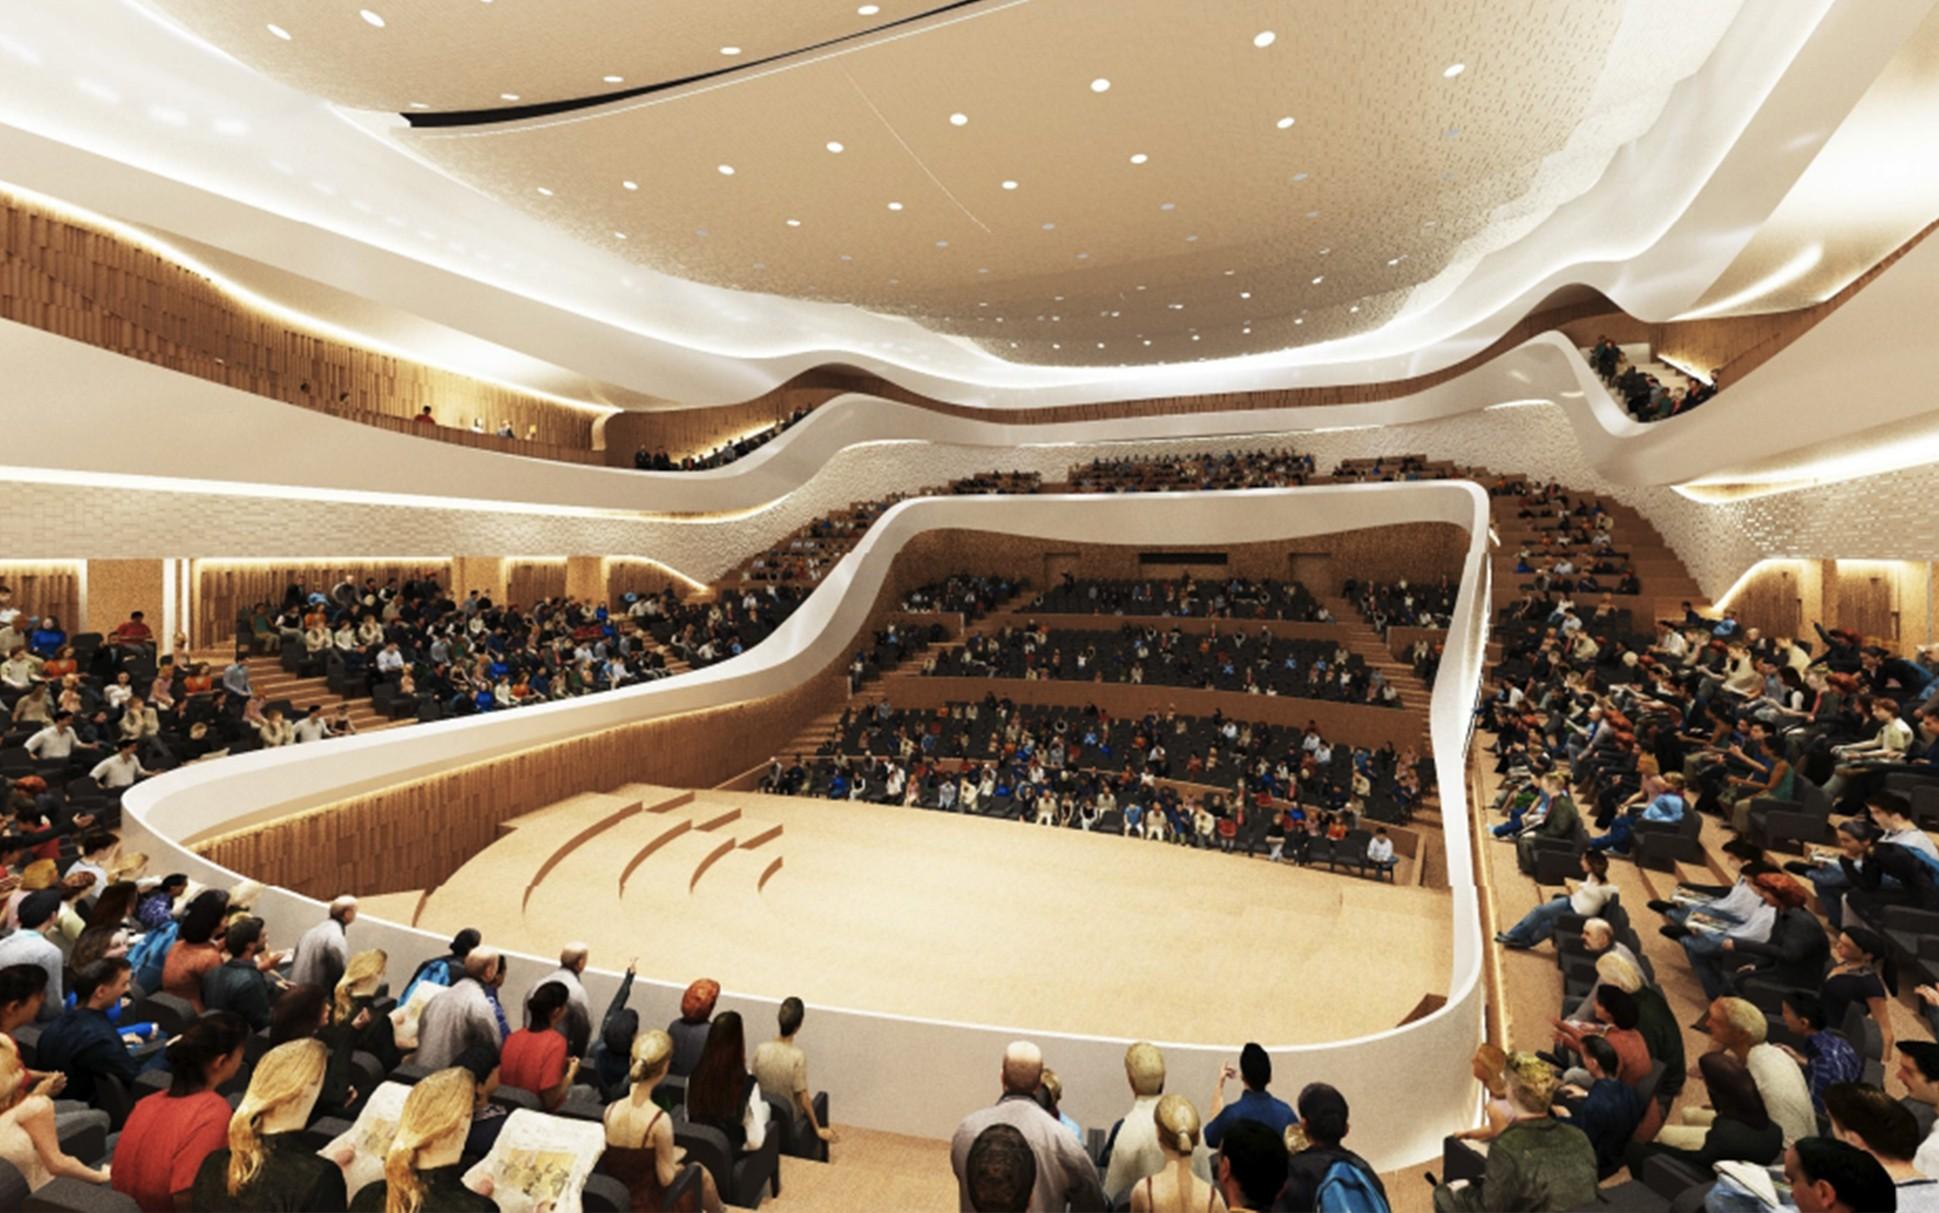 Трансформируемый партер концертного зала парка «Зарядье» планируется смонтировать доконца этого года